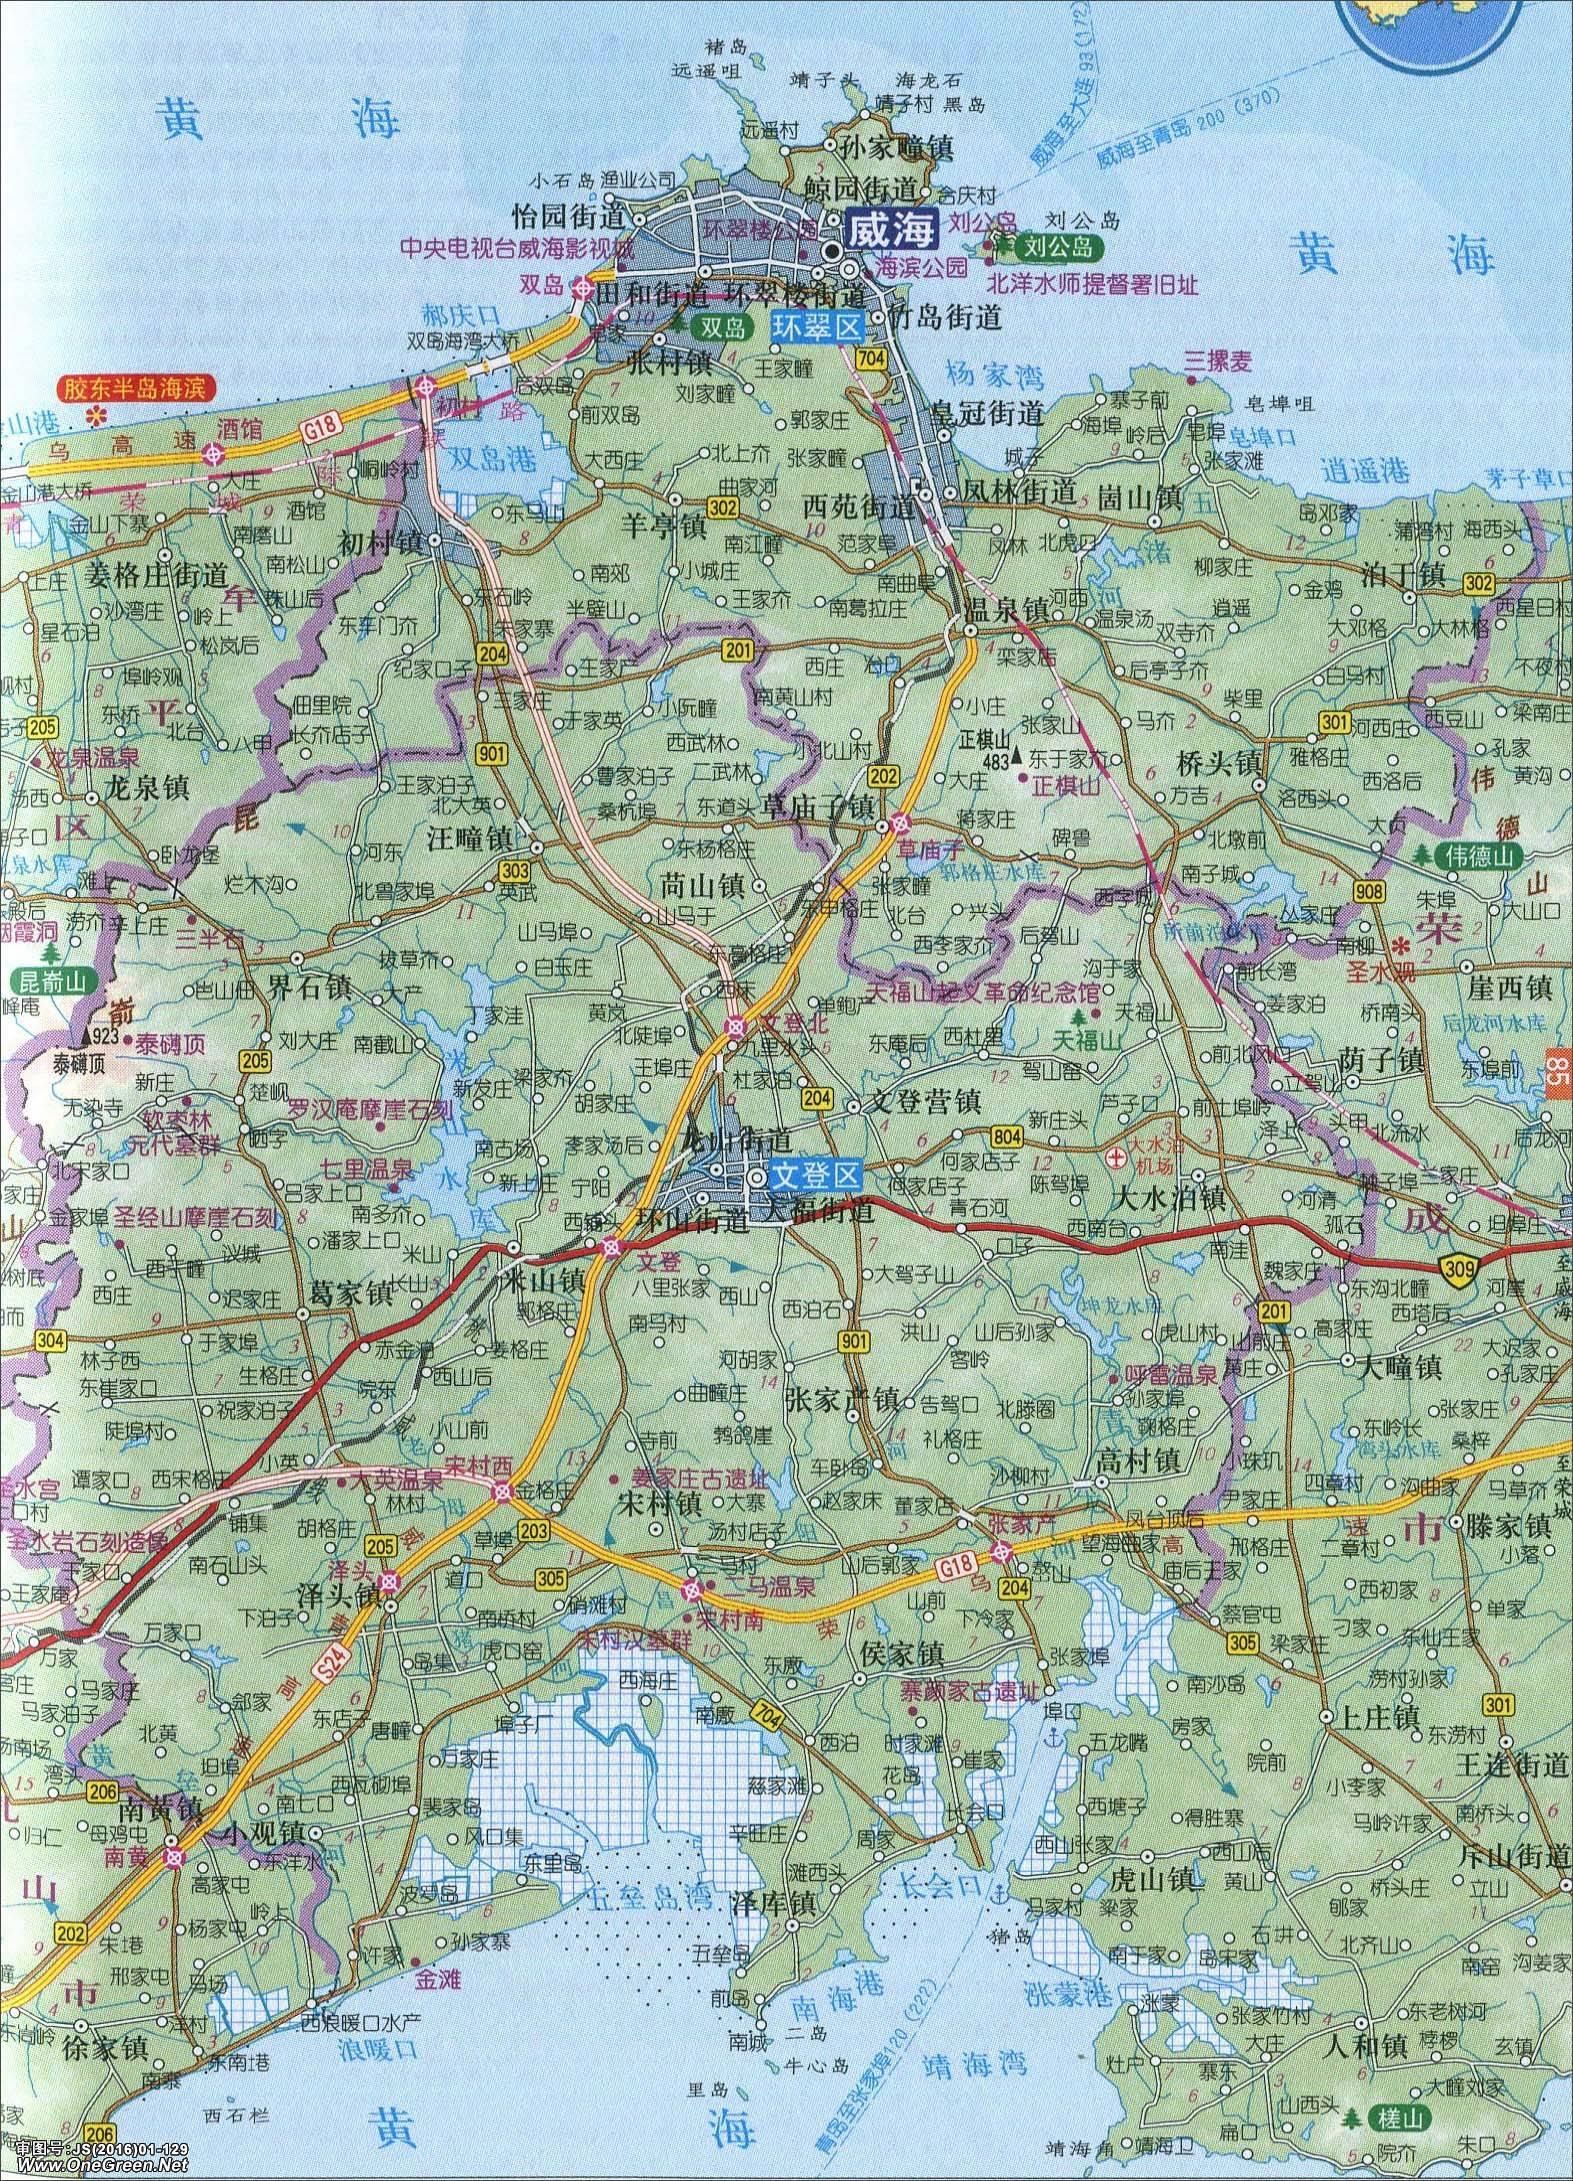 山东省潍坊市地图_环翠区_文登区地图_威海地图库_地图窝